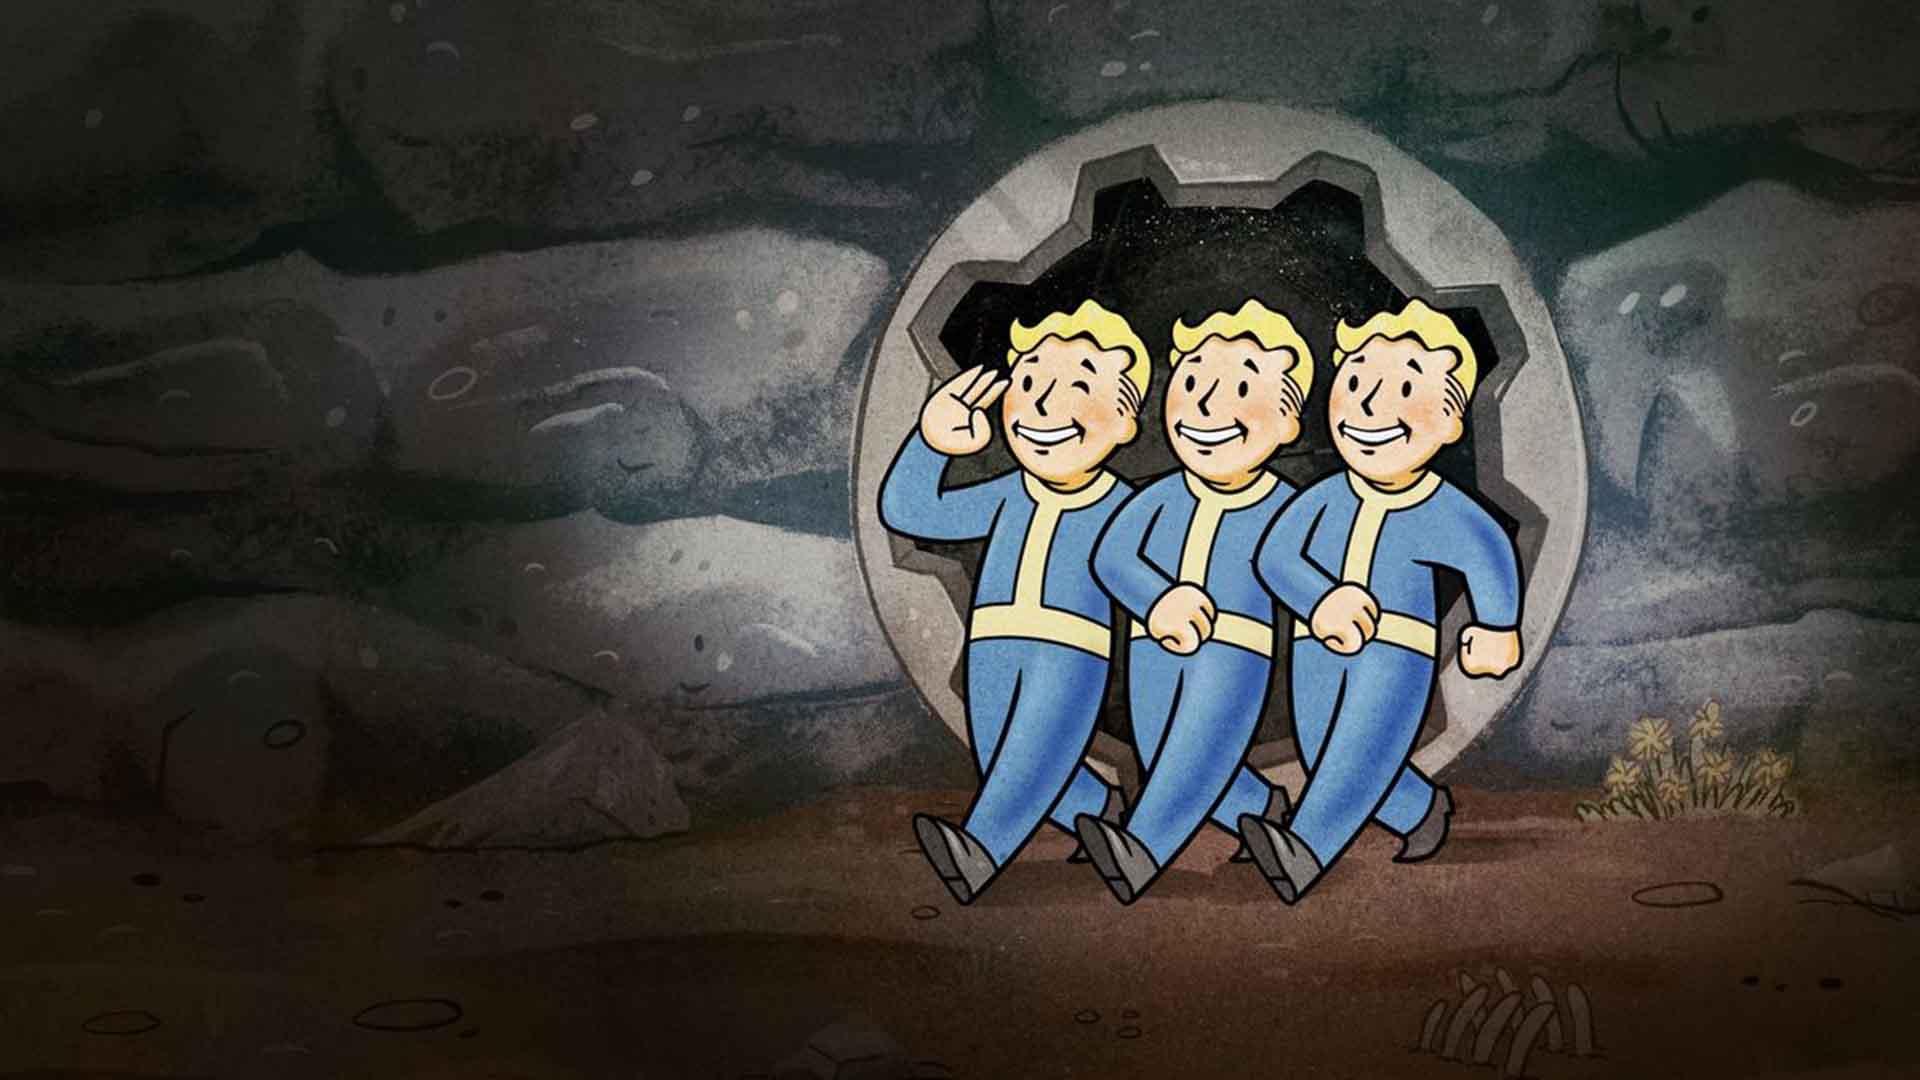 Επιβιώσαμε στον μετά-αποκαλυπτικό κόσμο του Fallout 76 (vid)